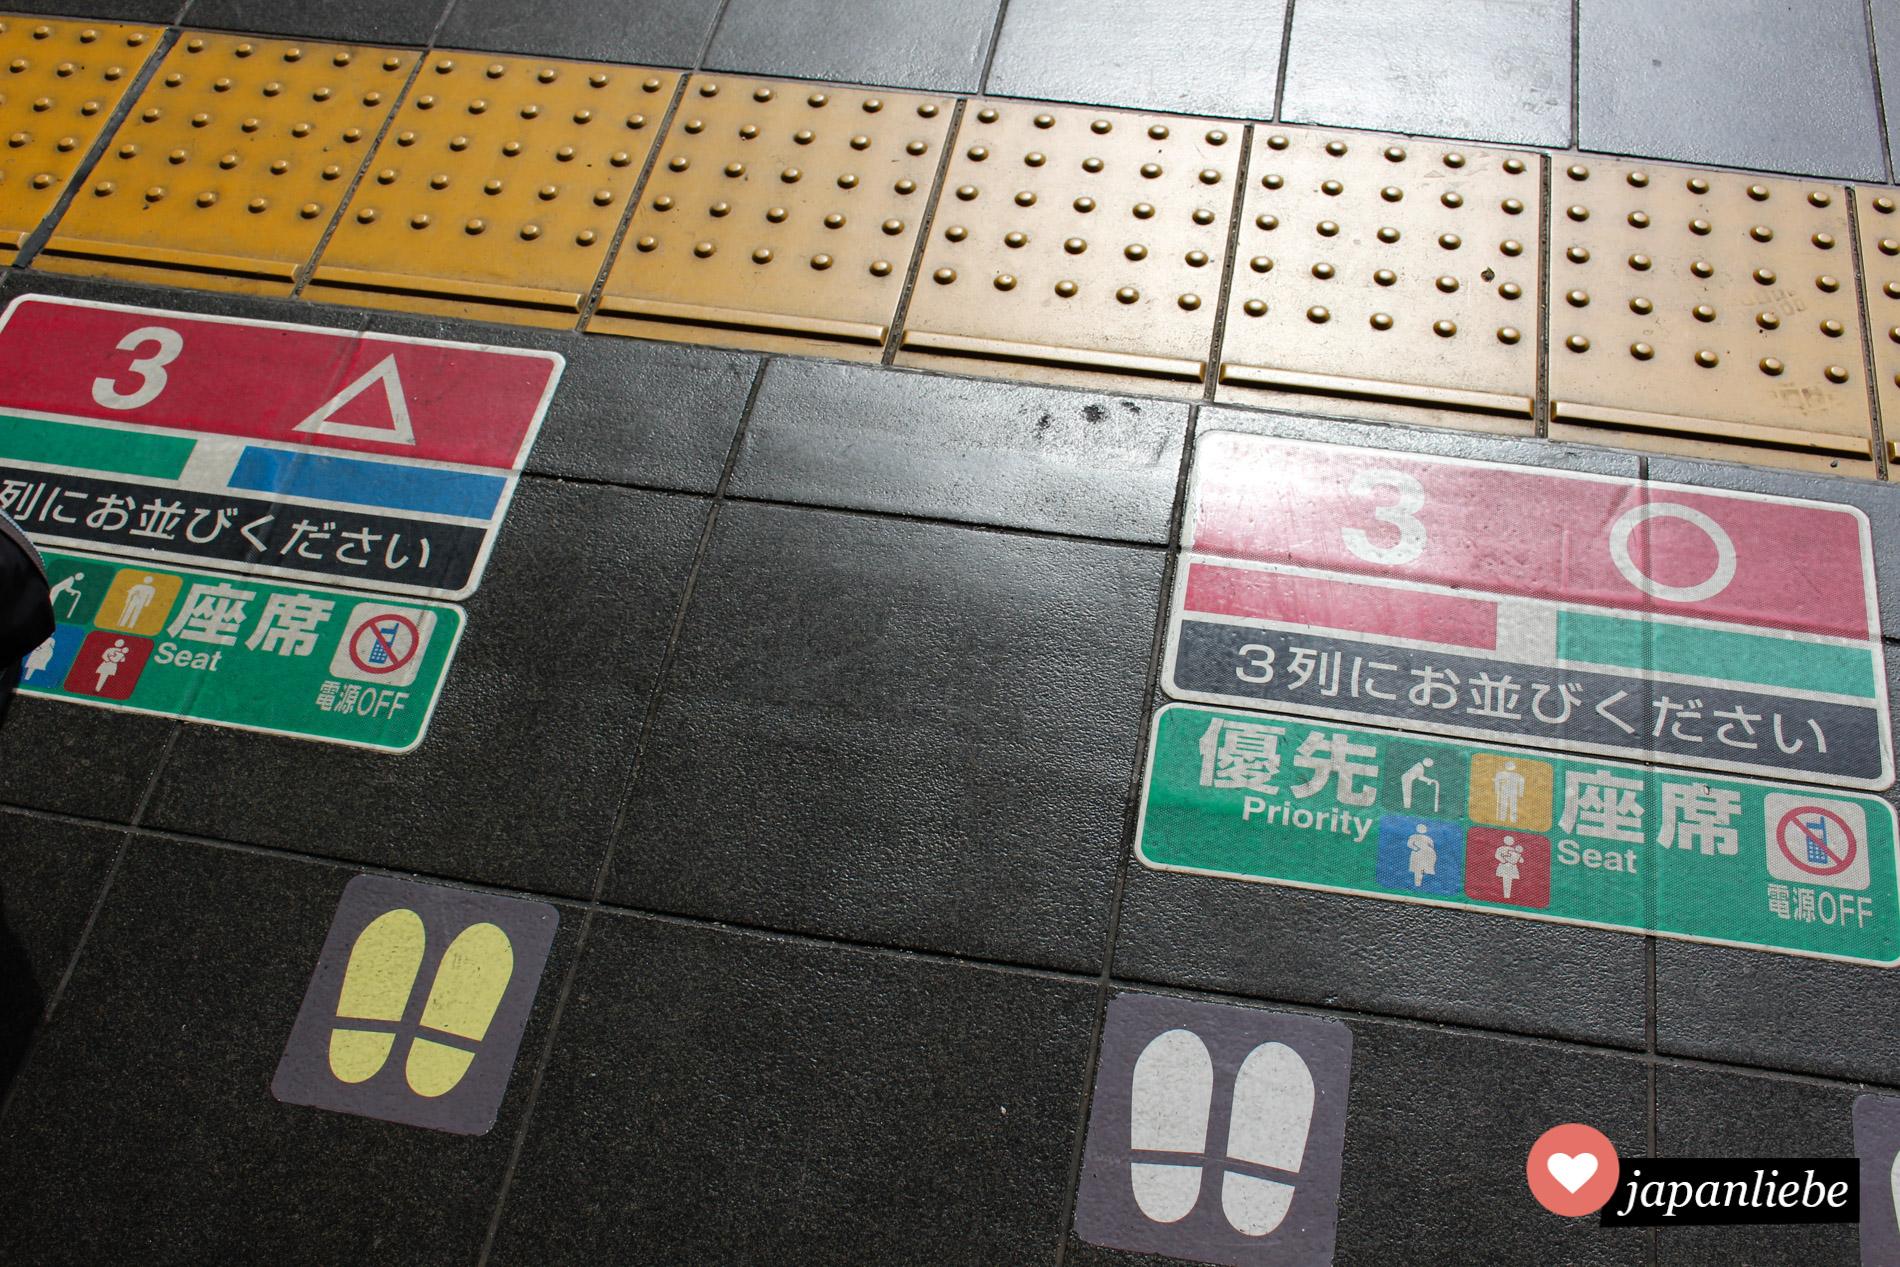 Bahnsteige sind immer ausführlich markiert, so dass man sich immer korrekt für den Zug anstellt.